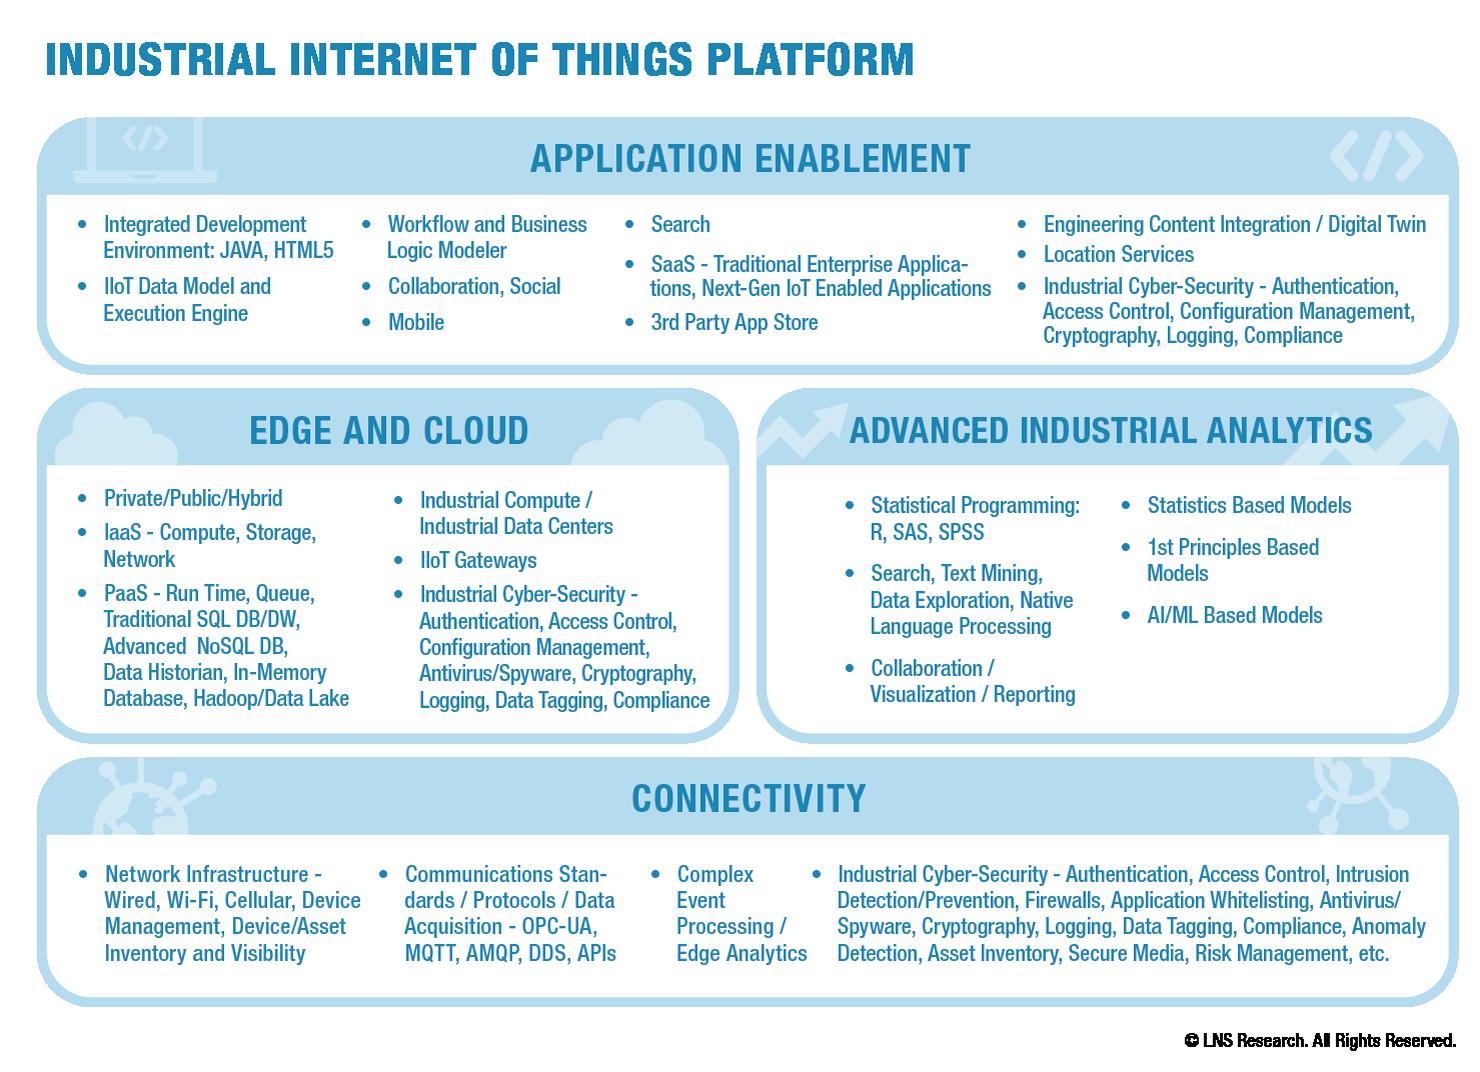 Industrial Internet of Things Platform